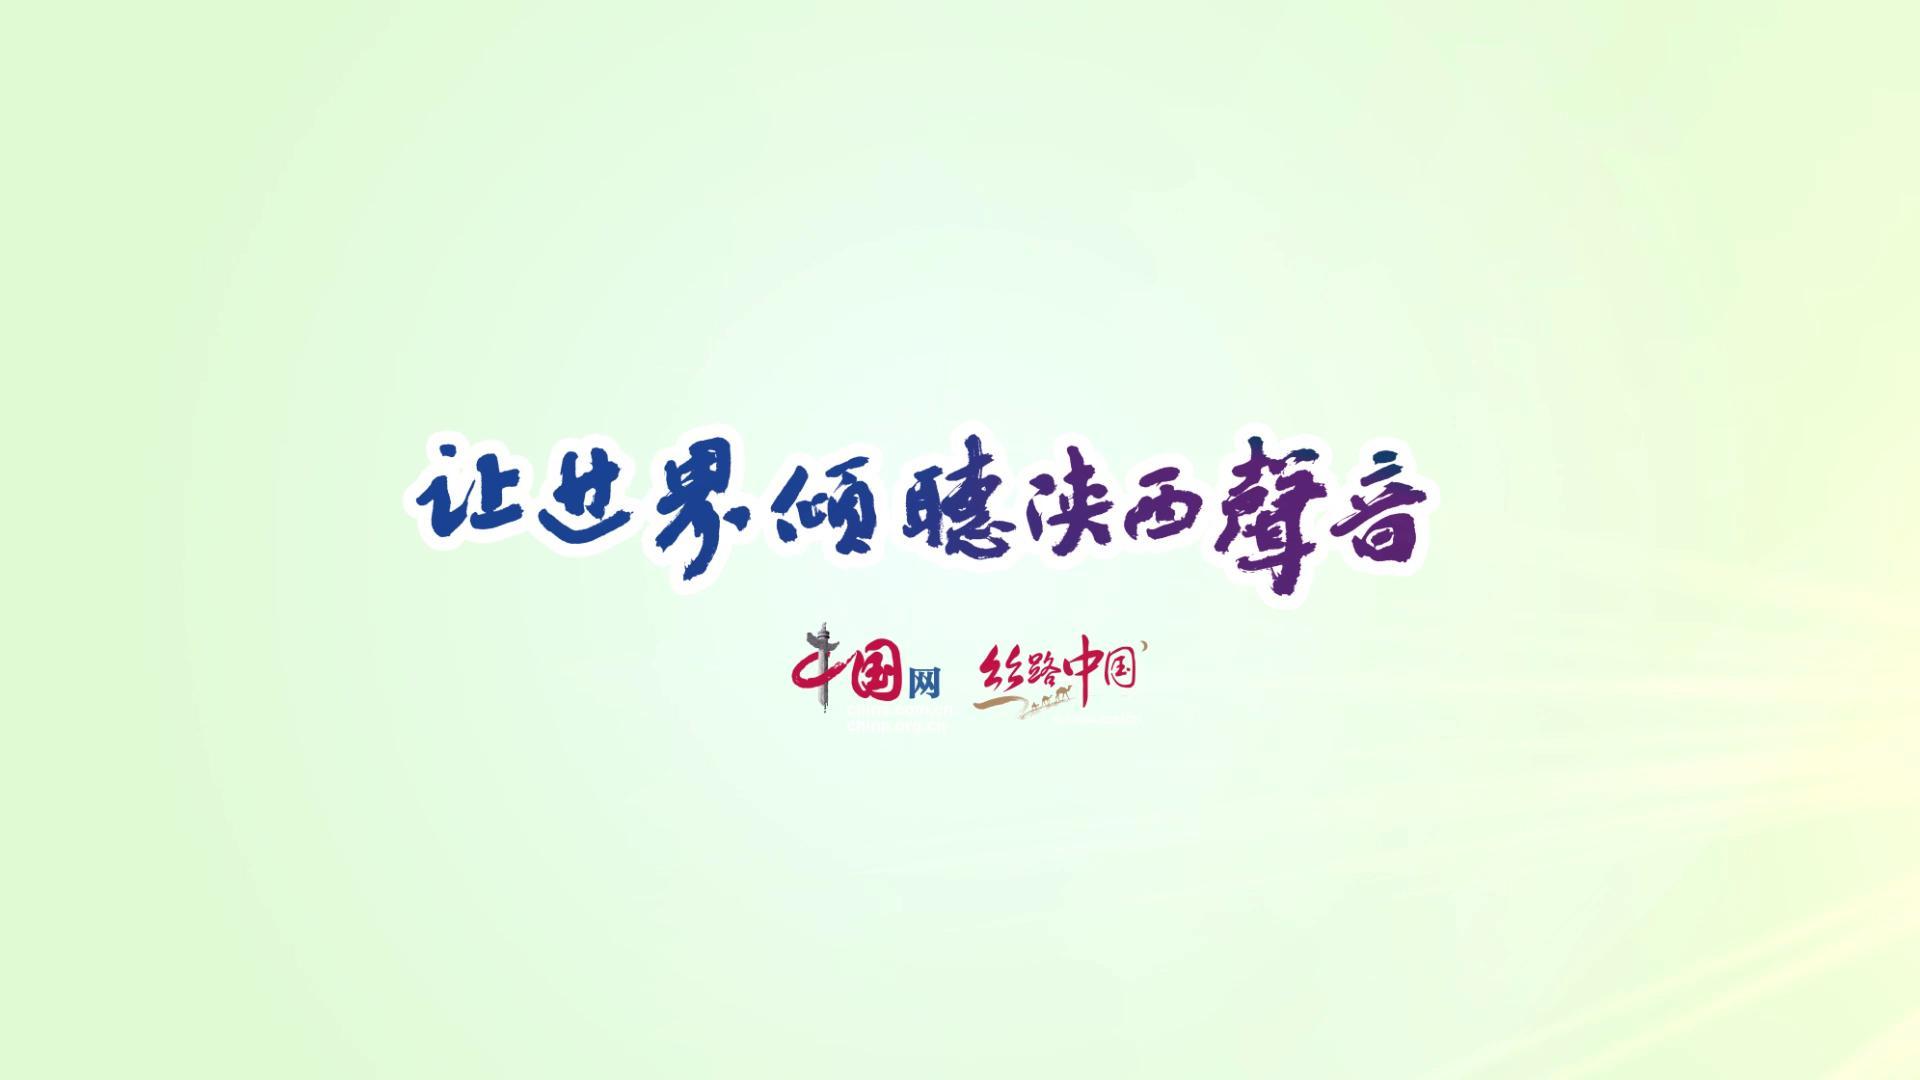 """泾河新城:创建""""美丽庭院"""" 激发乡村活力"""